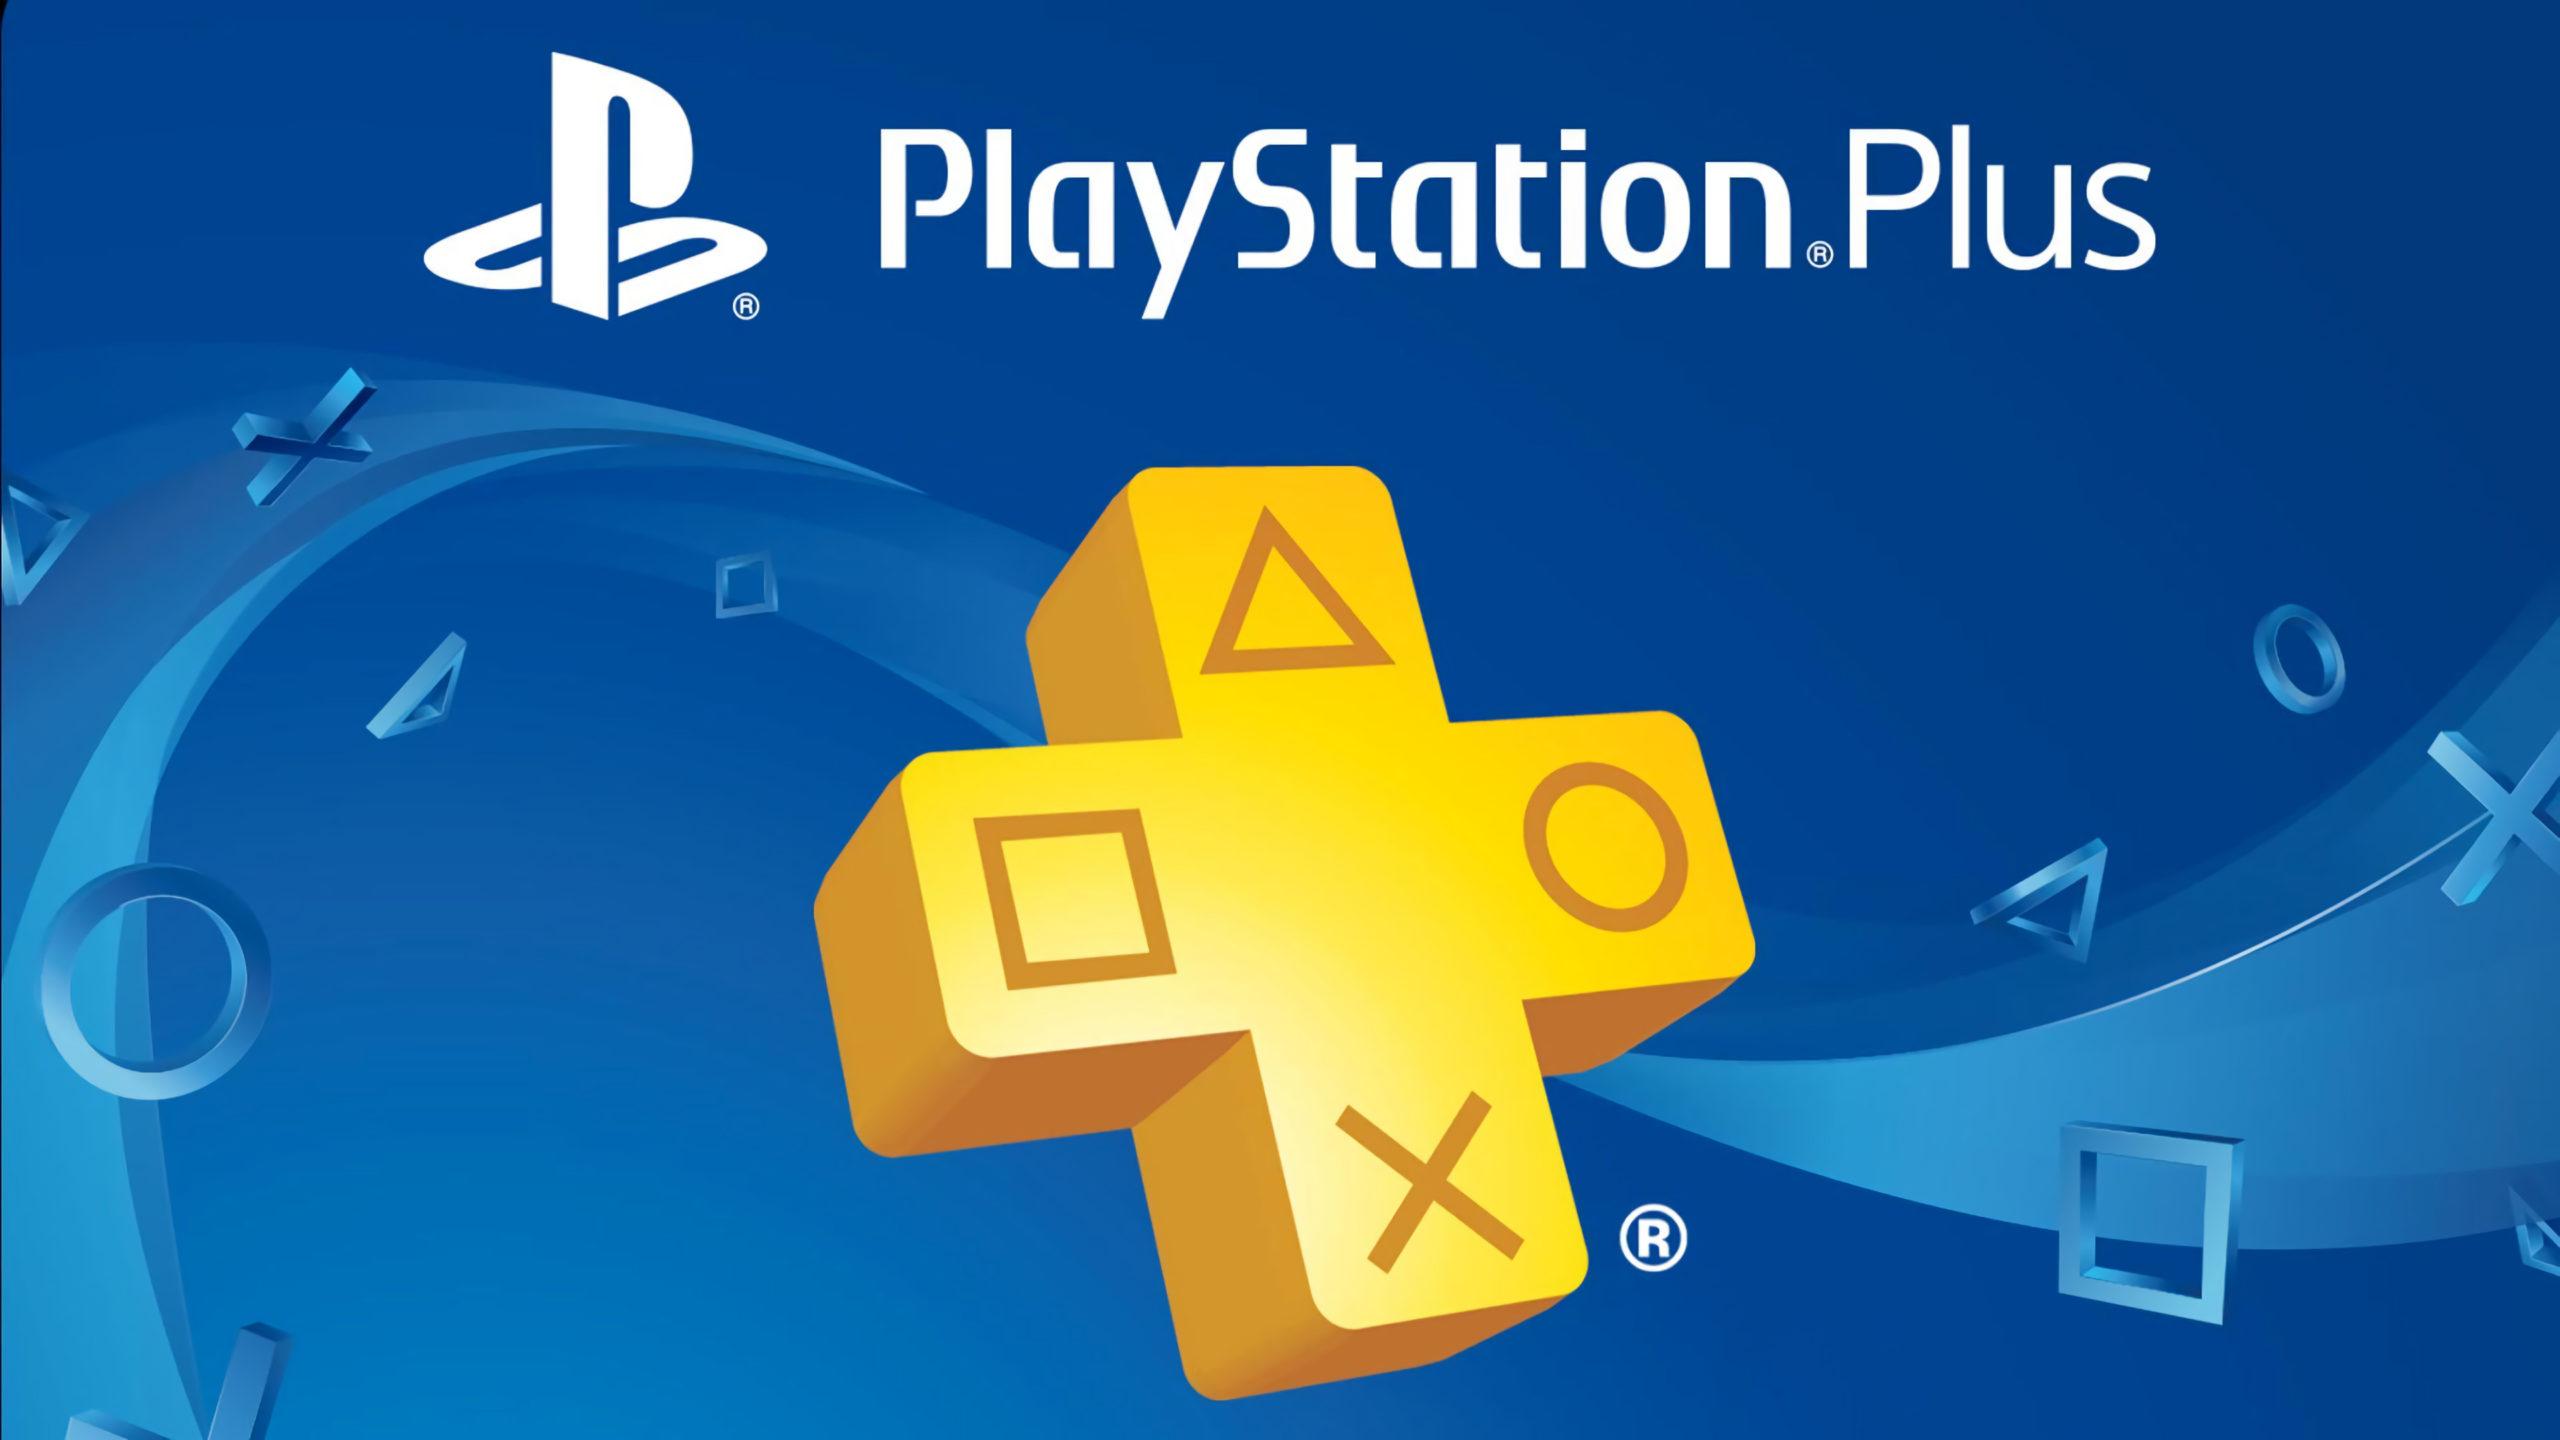 Estamos a meio de Maio , e com isso, os rumores de jogos grátis na PS Plus de Junho de 2021 começam a surgir para PlayStation 4 e PS5.